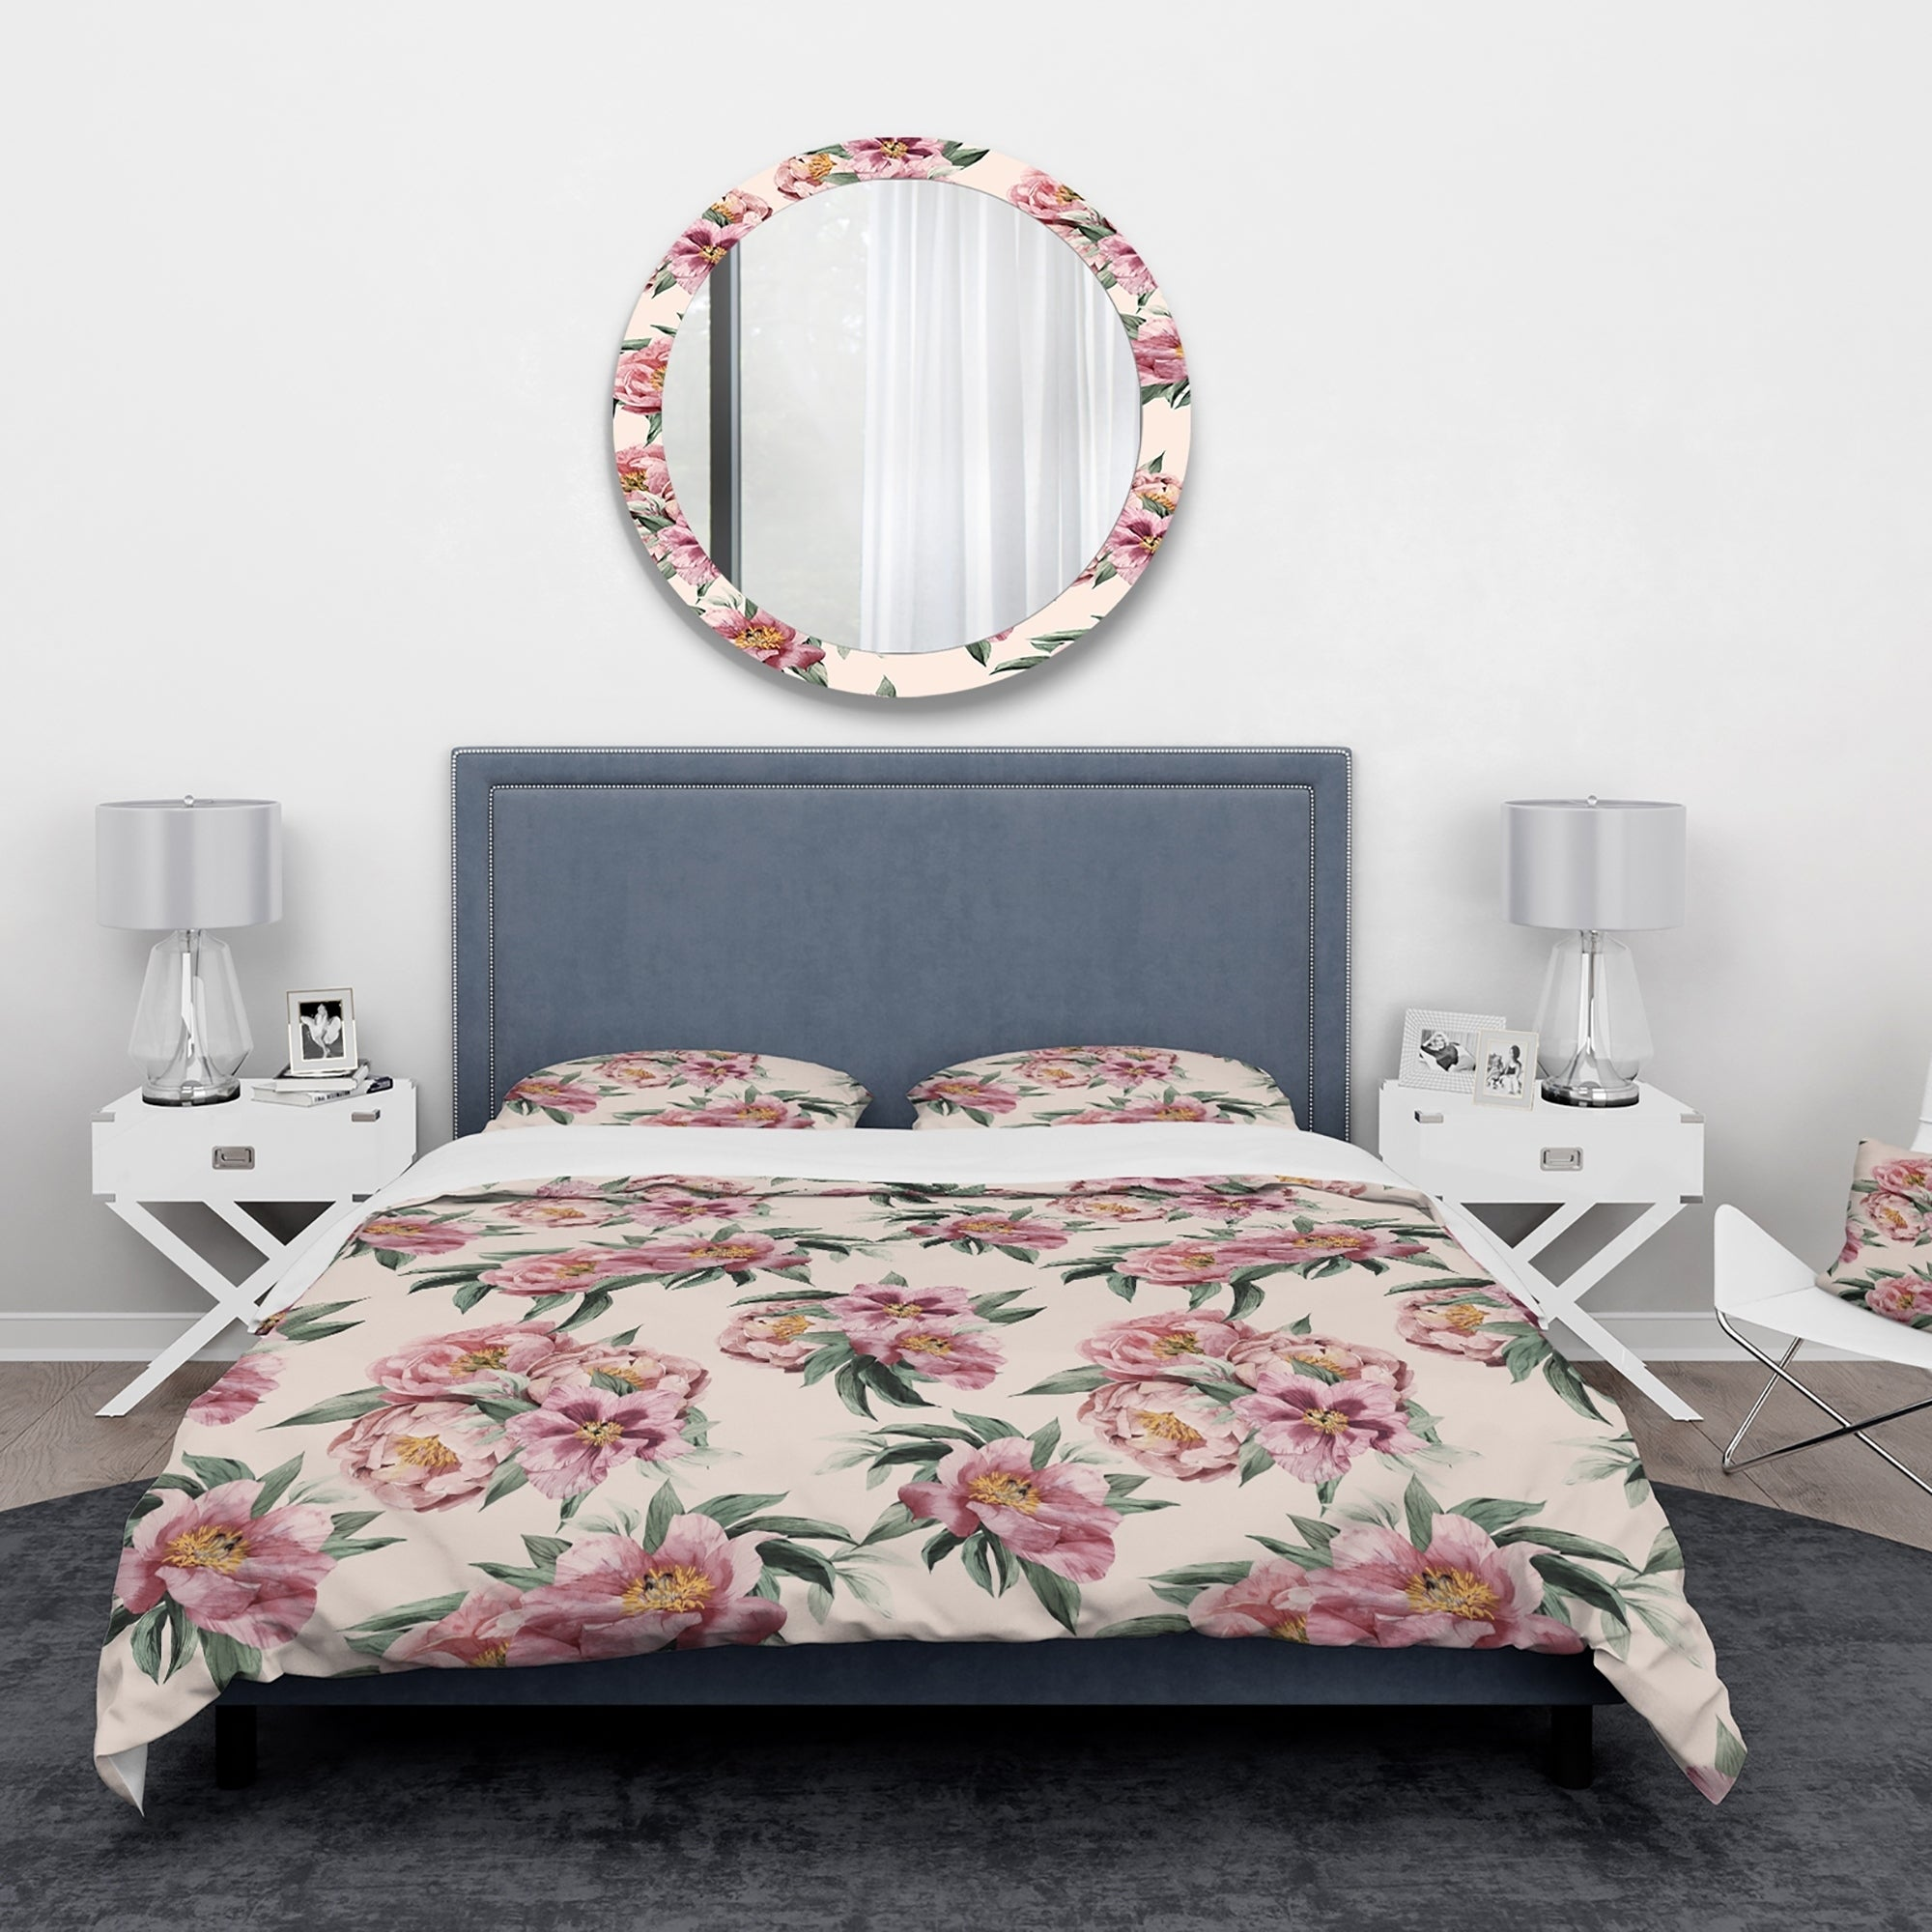 Shop Designart \'Pink Peonies\' Floral Bedding Set - Duvet Cover ...